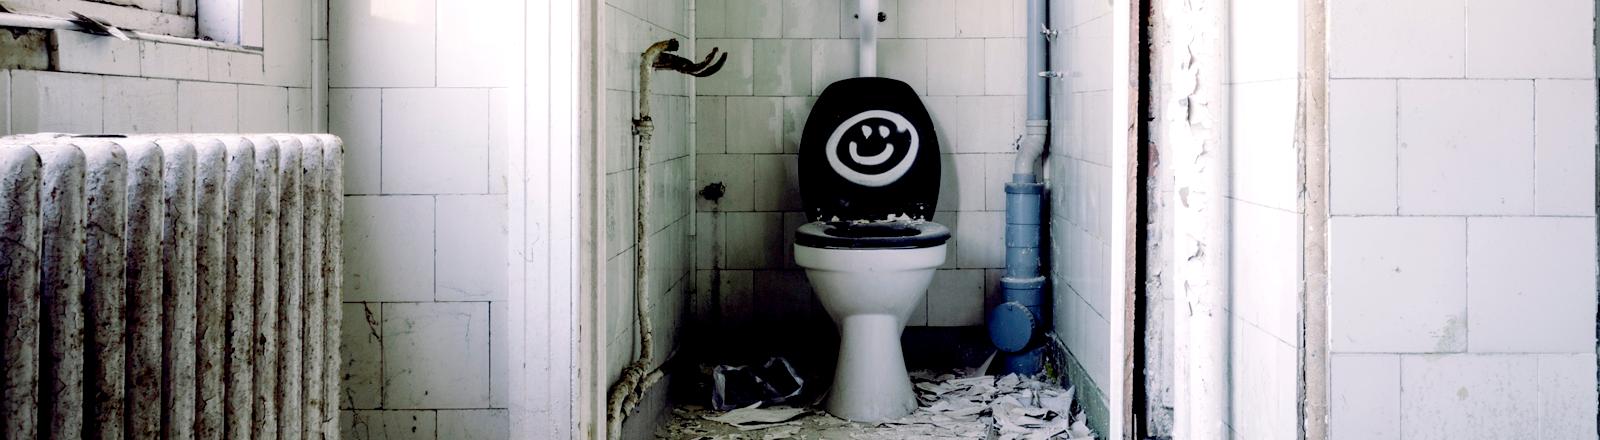 Eine Toilette in einem Abbruchhaus